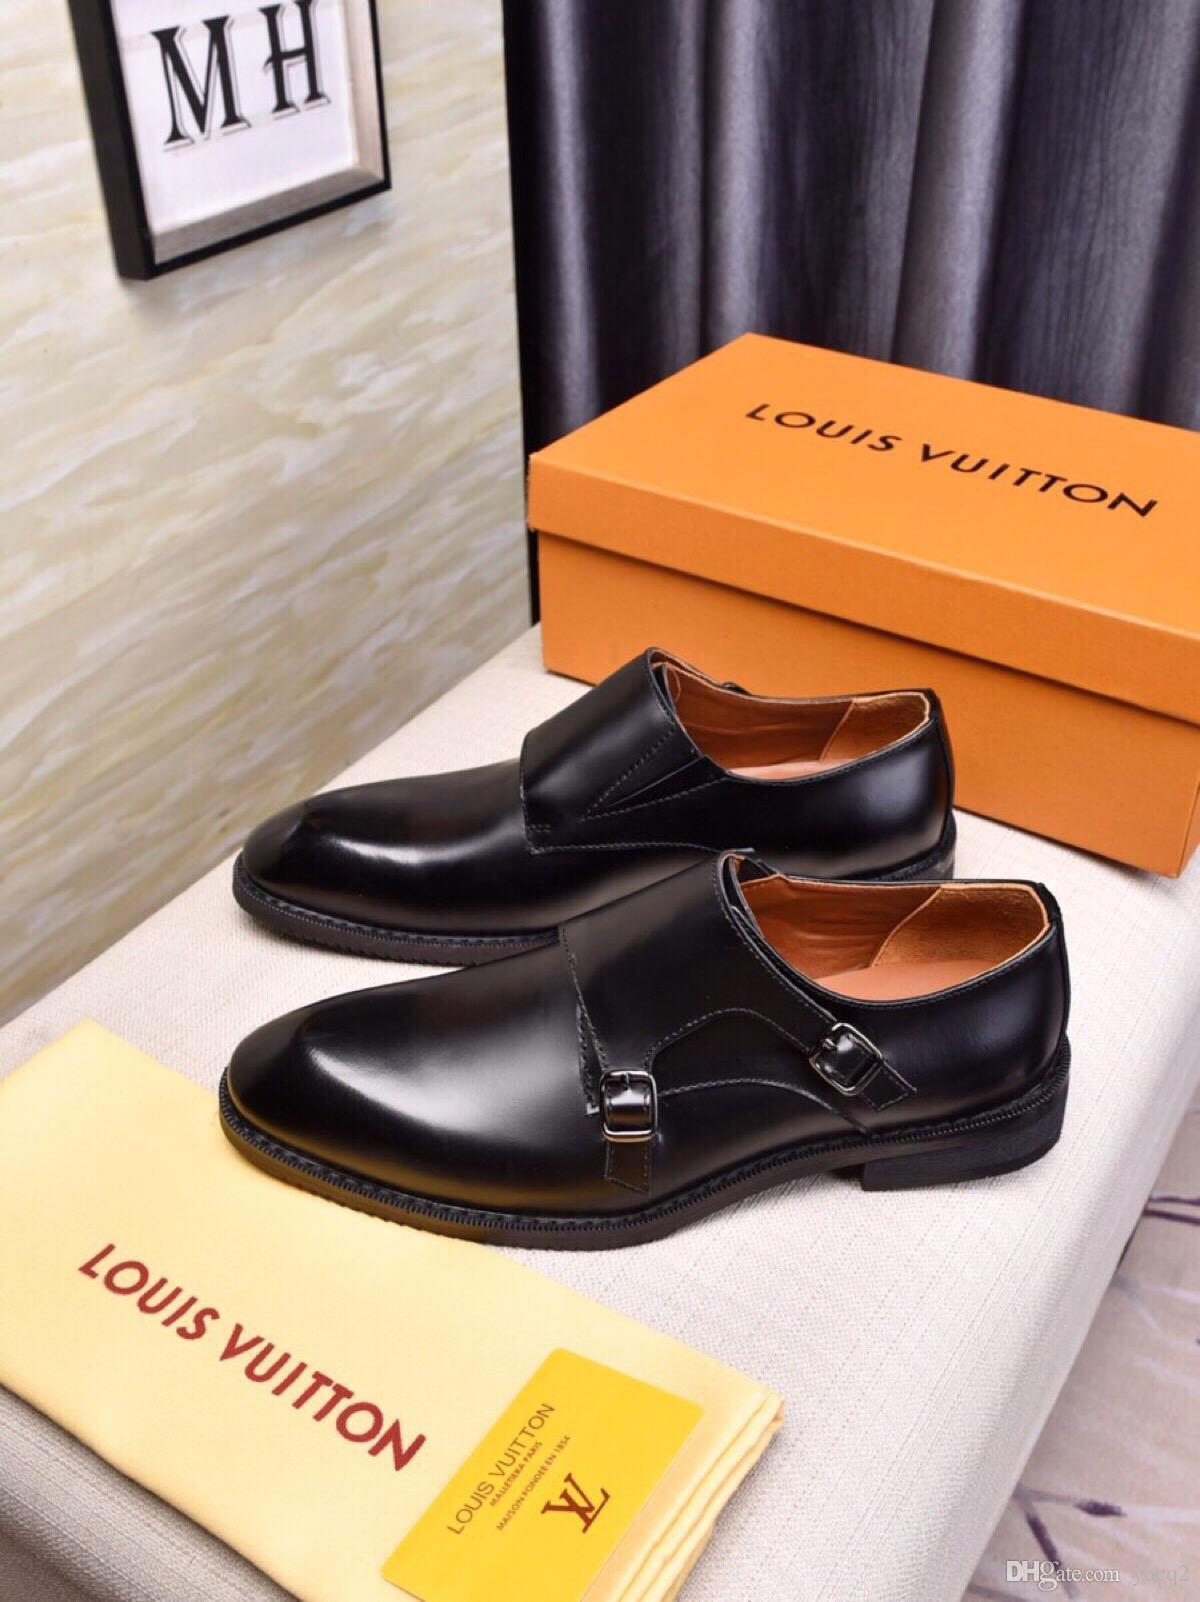 2018 Nueva alta calidad de cuero genuino de los hombres zapatos Brogues con cordones Bullock Business Dress hombres Oxfords zapatos para hombre zapatos formales